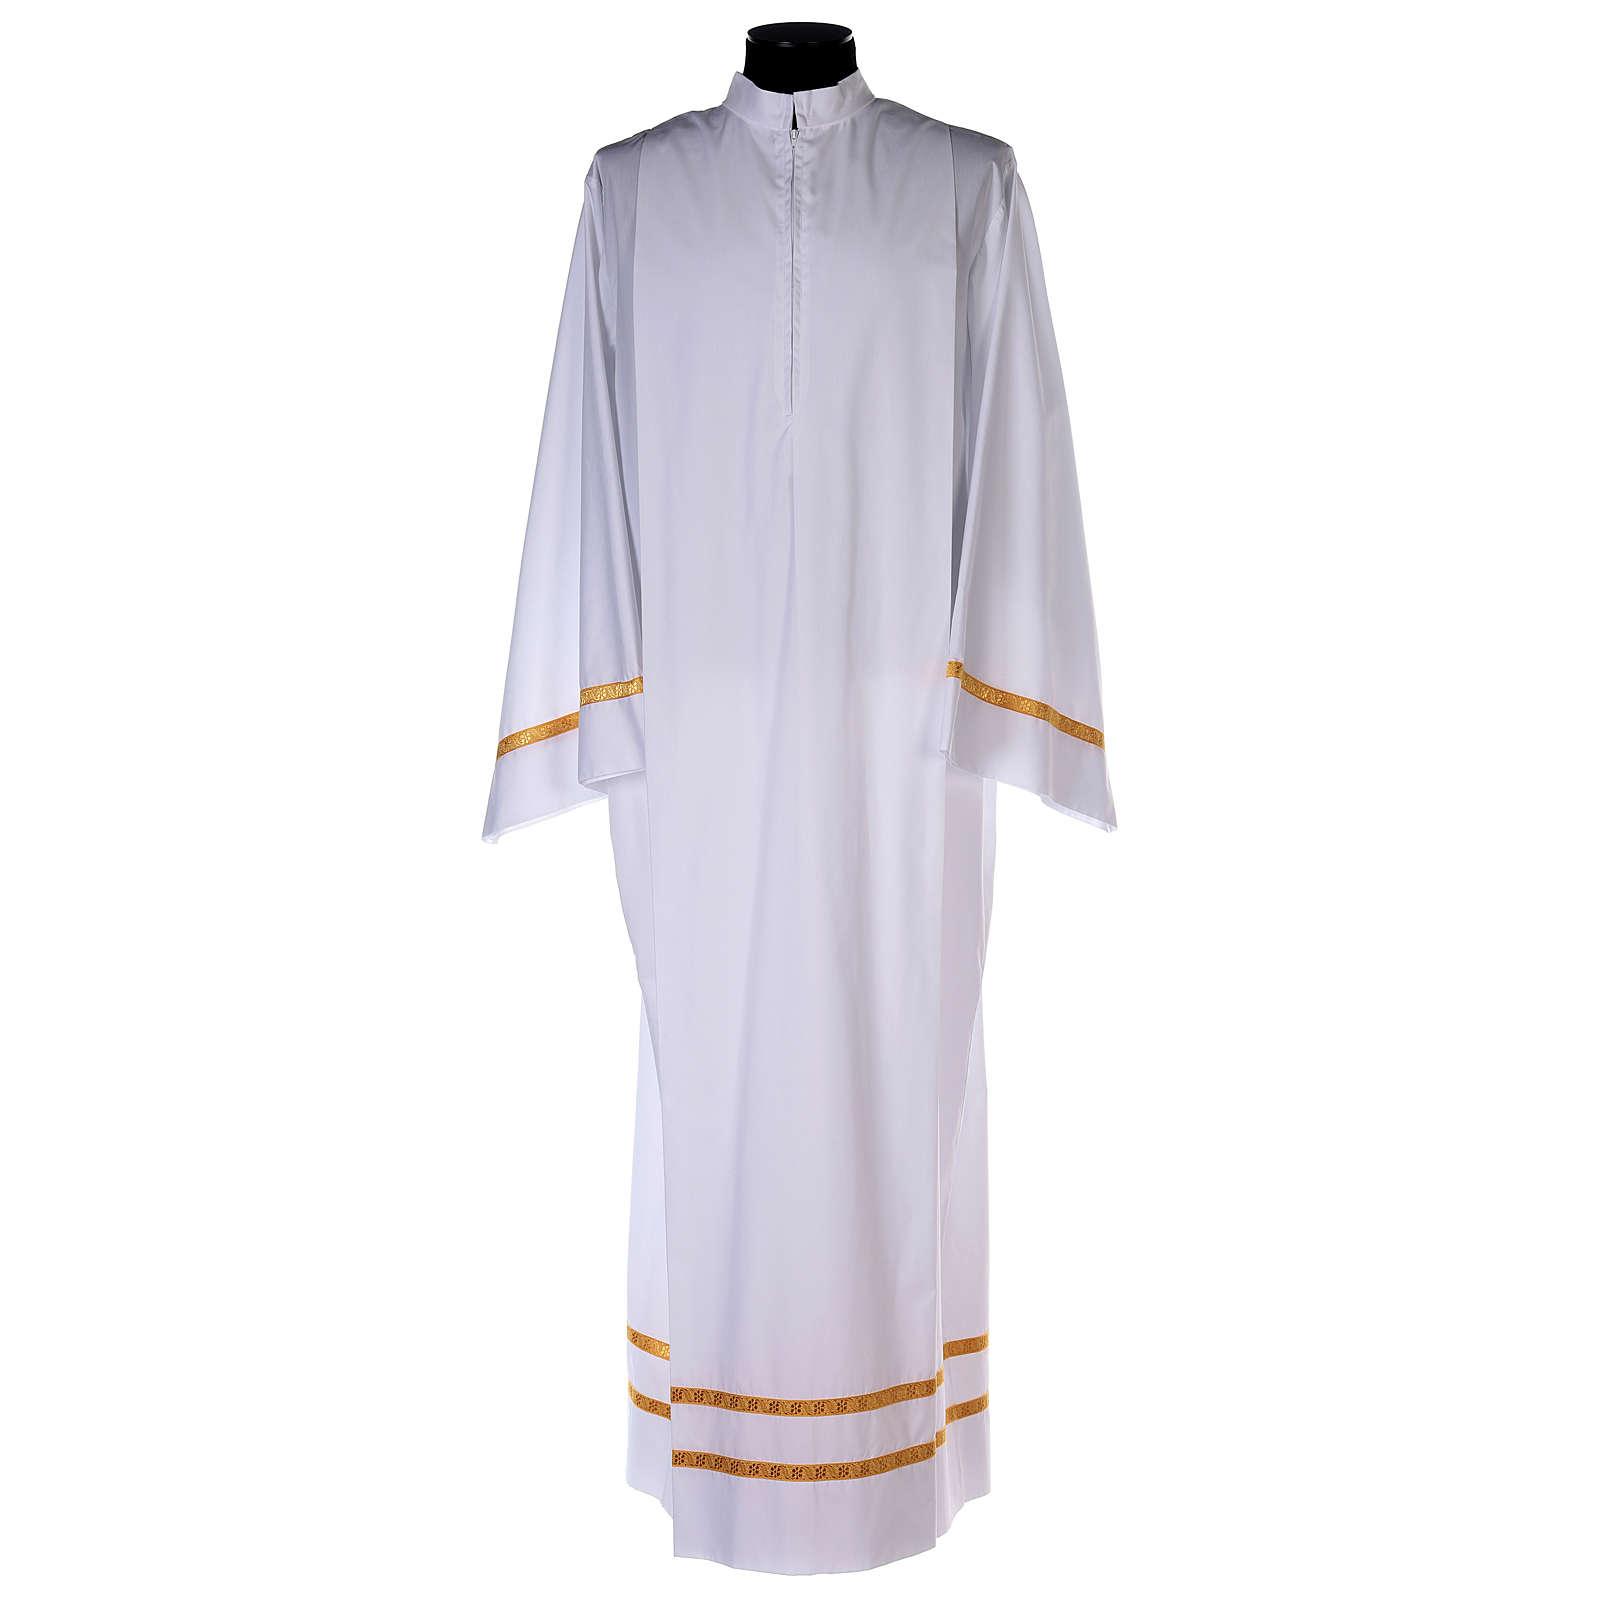 Camice bianco piegoni e bordo color oro su fondo e maniche misto cotone 4